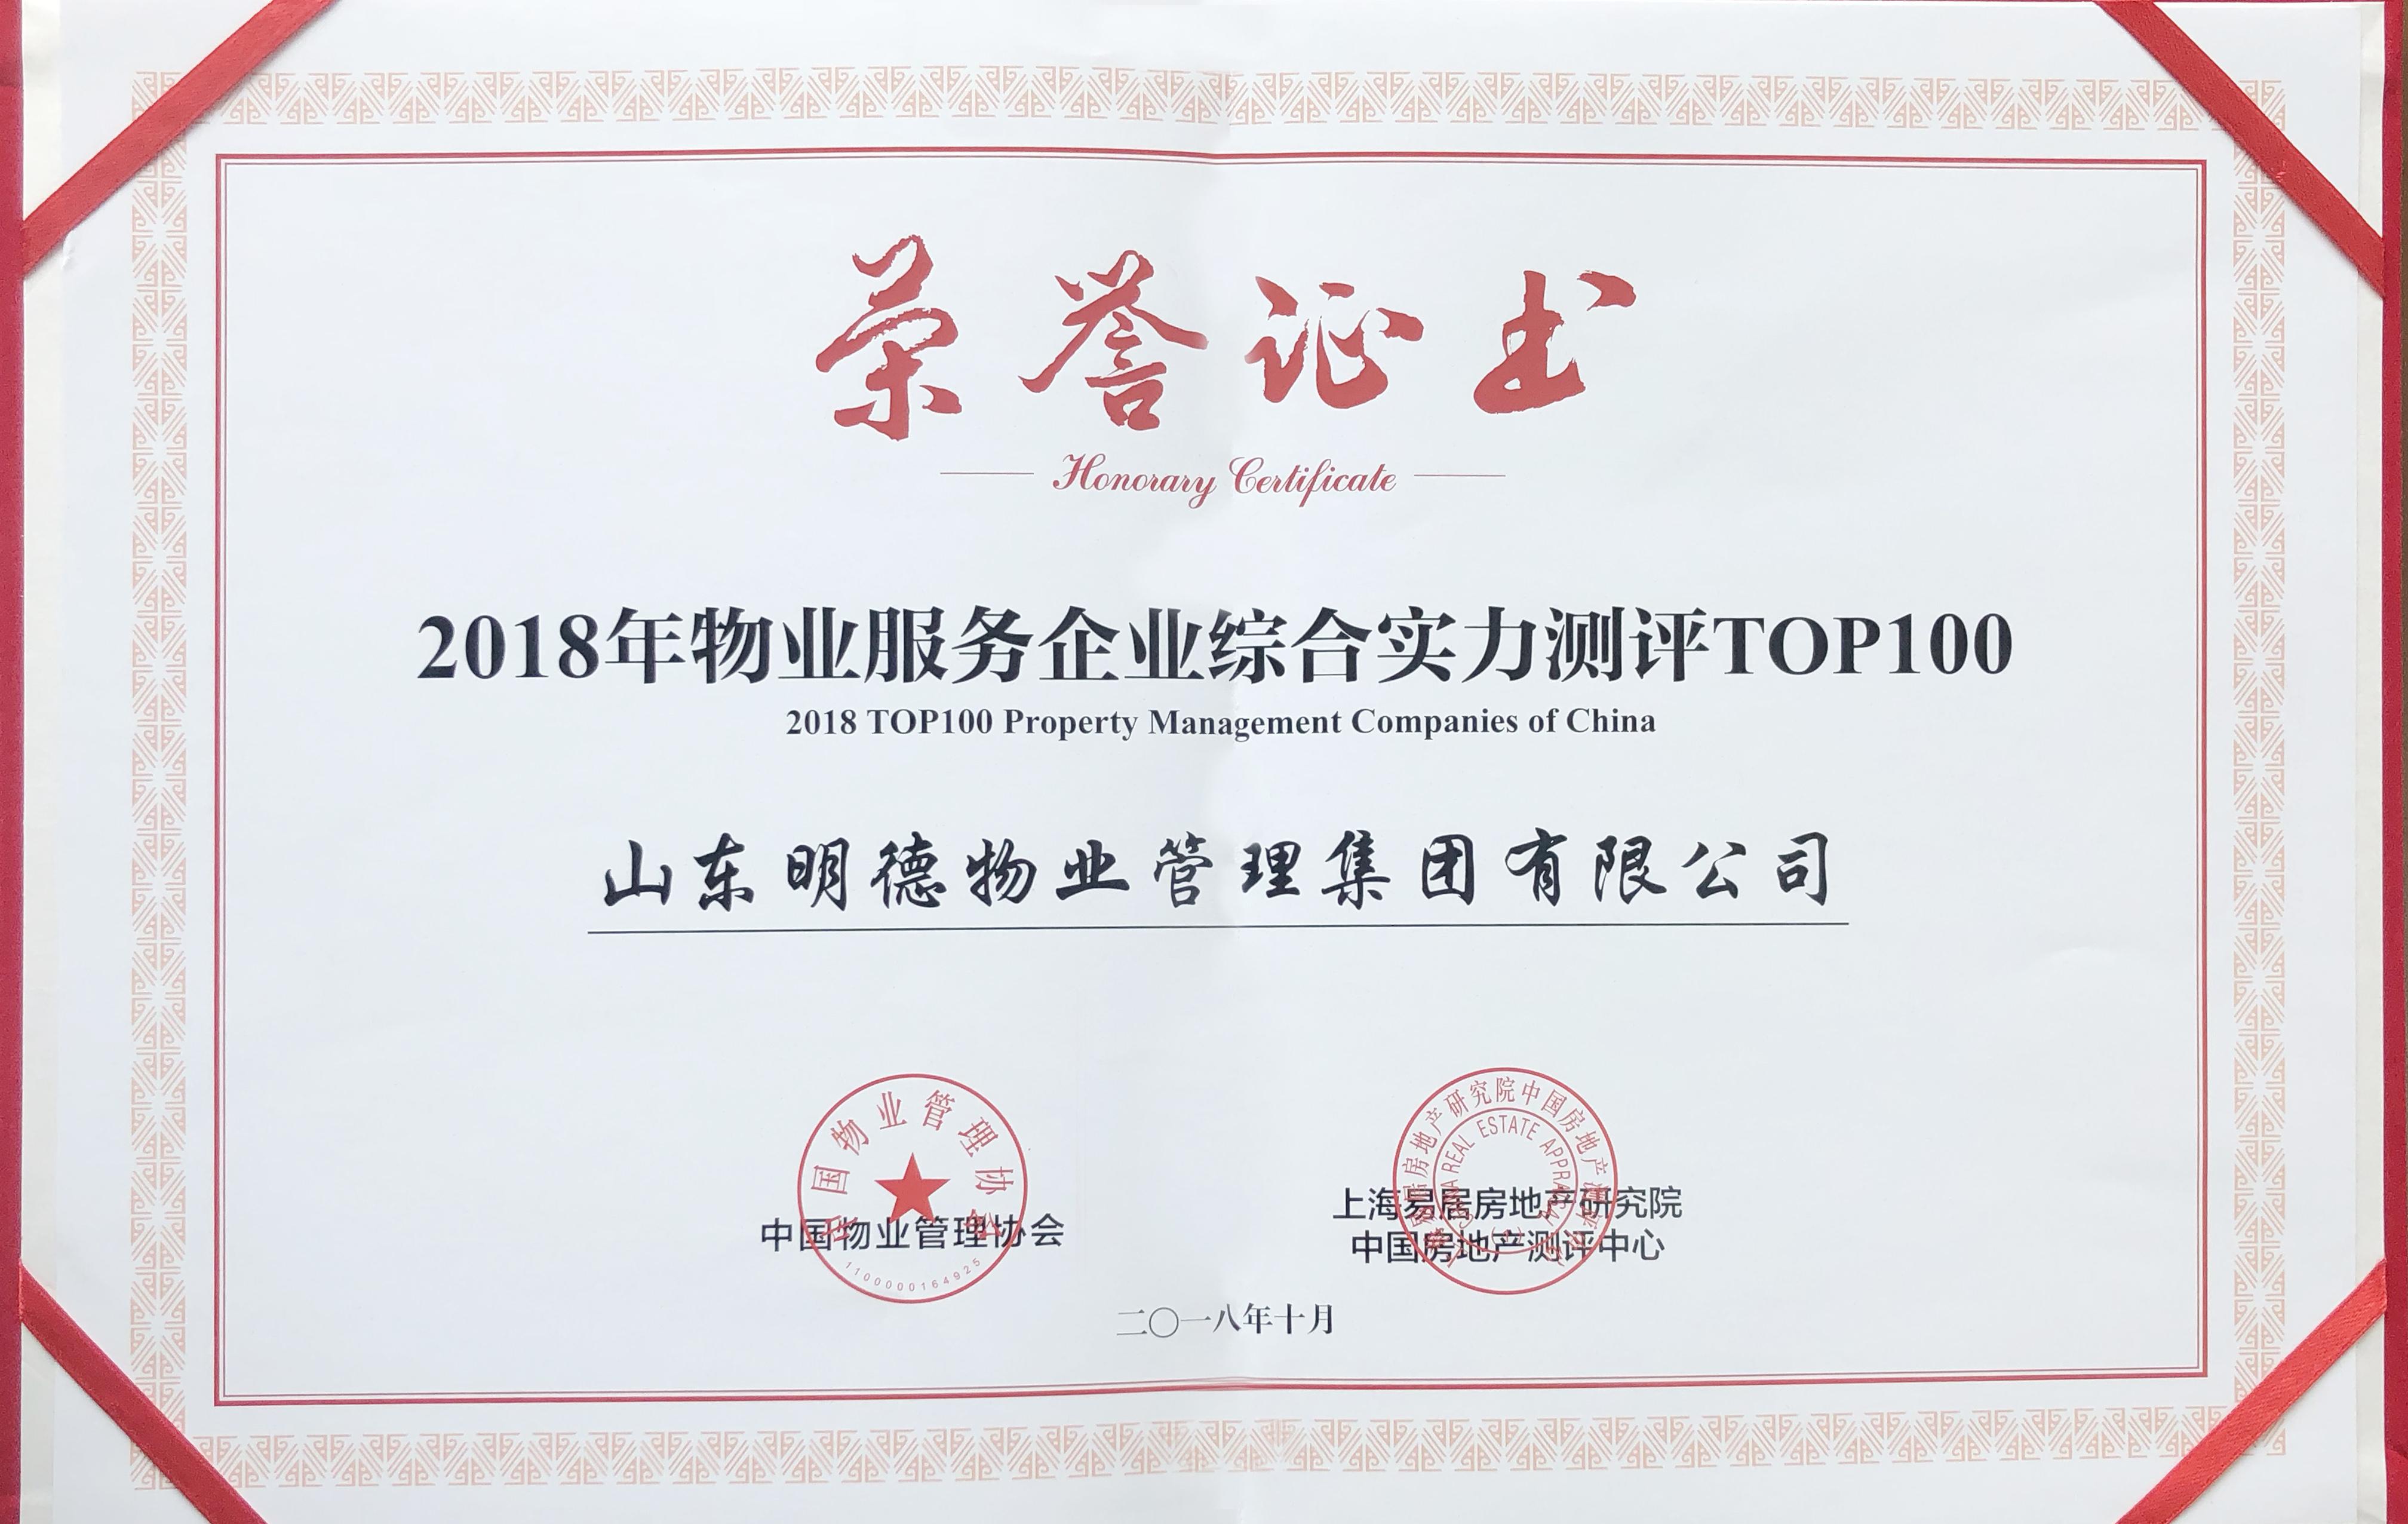 榮獲2018年中國物業服務百強企業第15名